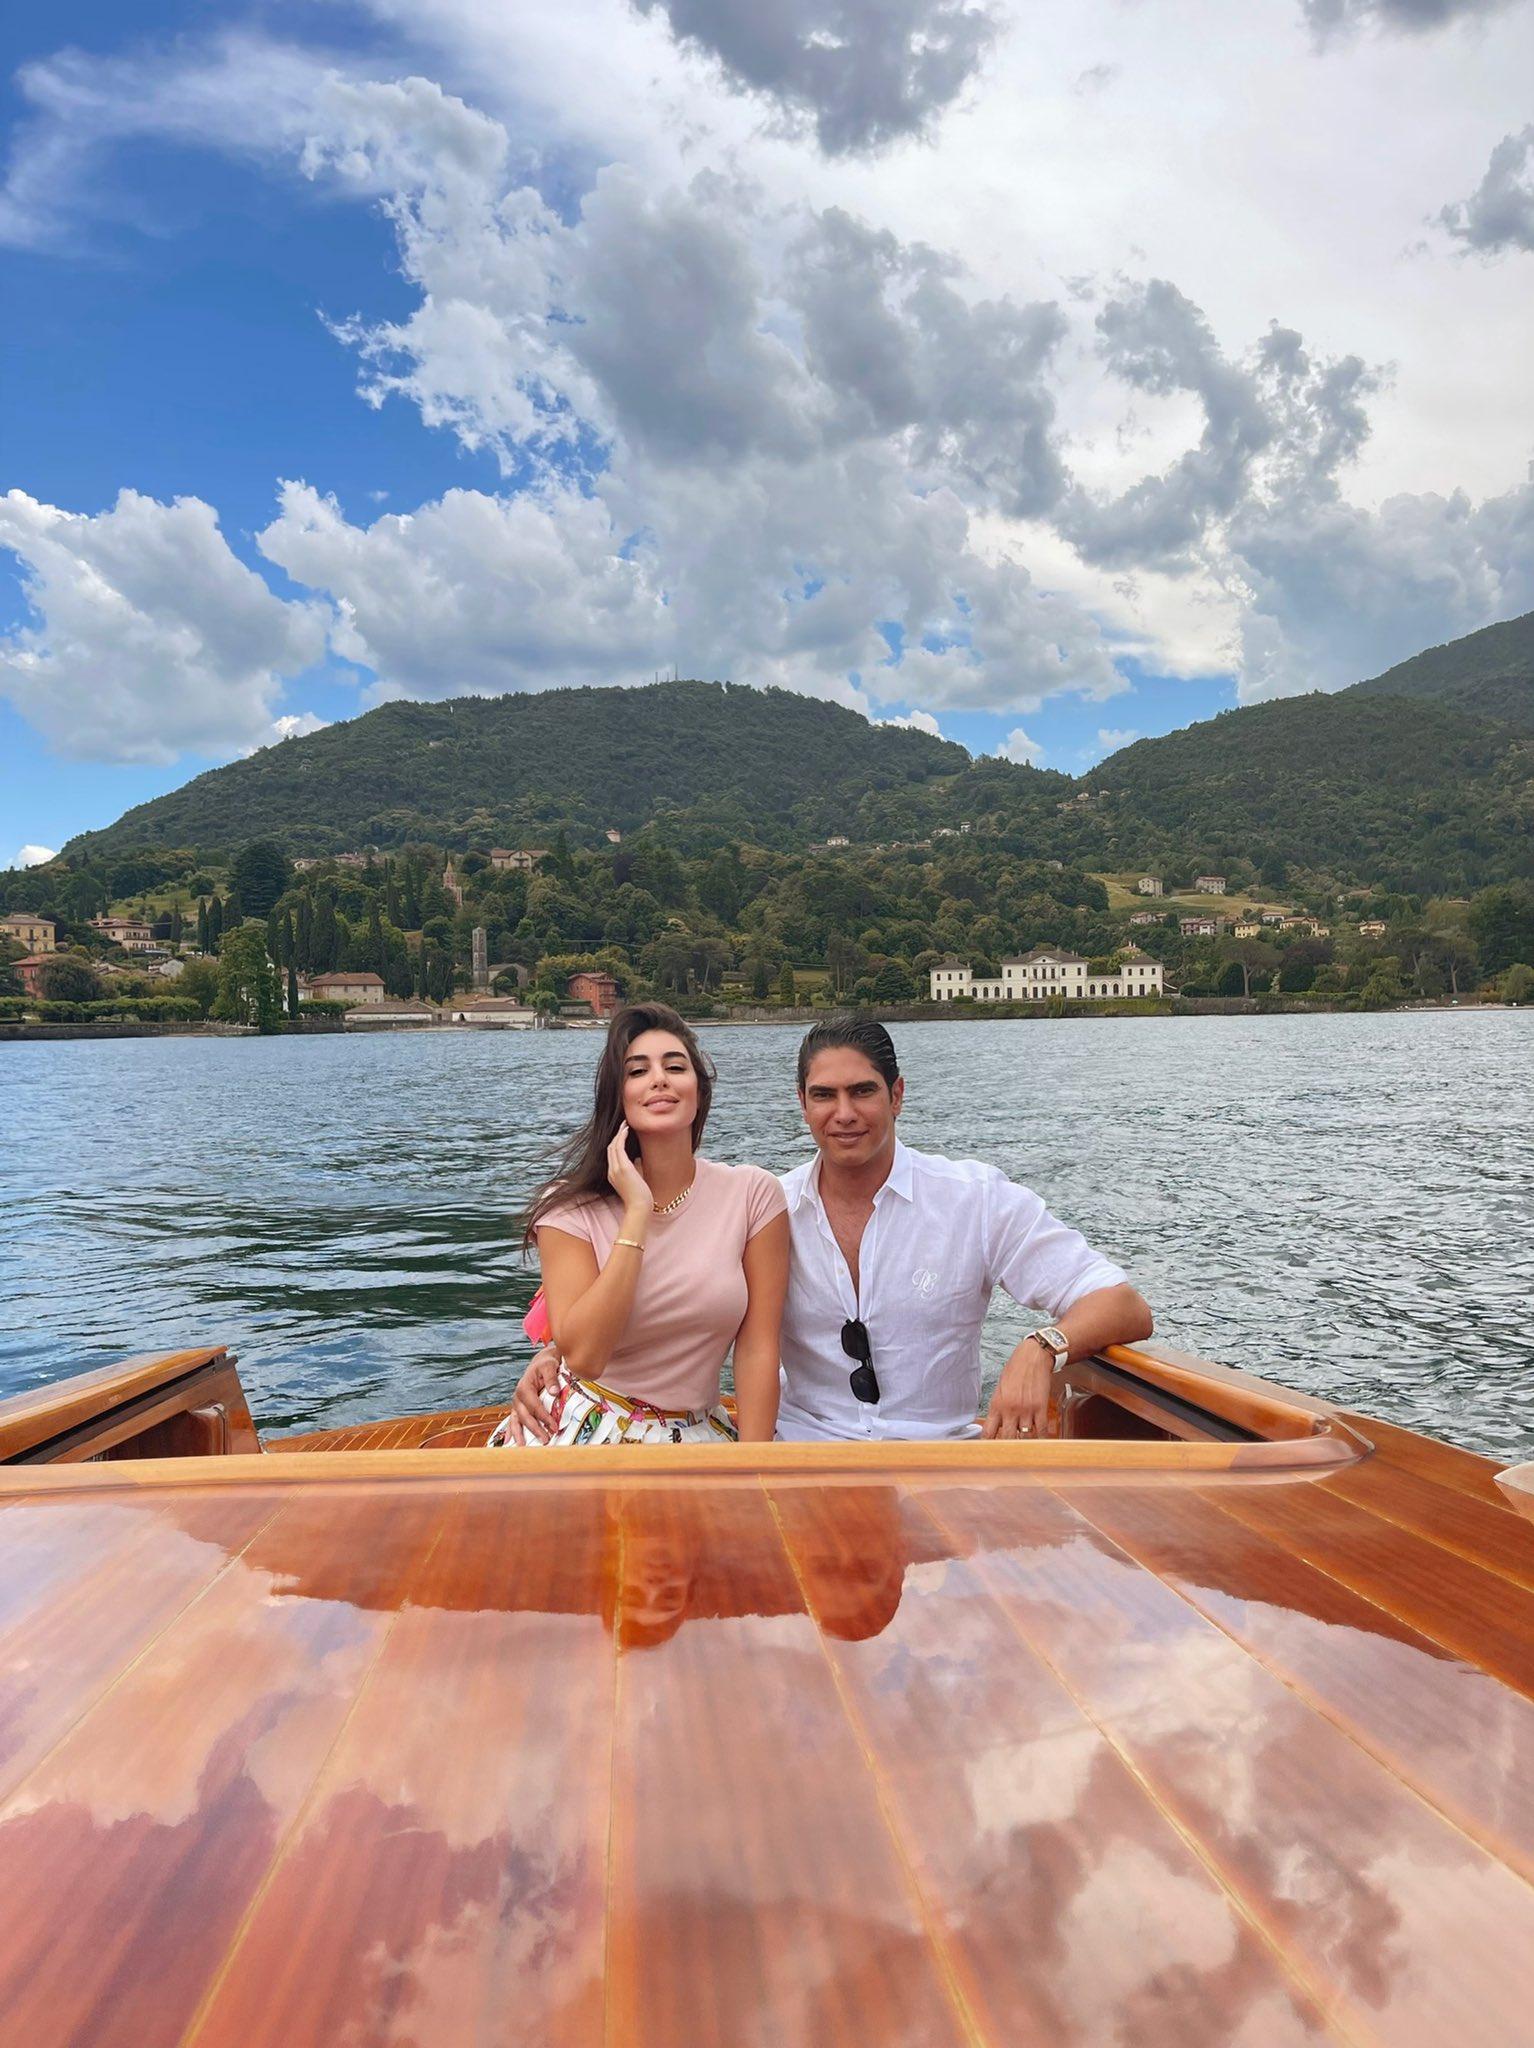 ياسمين صبري تقضي إجازتها في إيطاليا مع زوجها رجل الأعمال أحمد أبو هشيمة.. الصورة من حسابها على تويتر.jpg